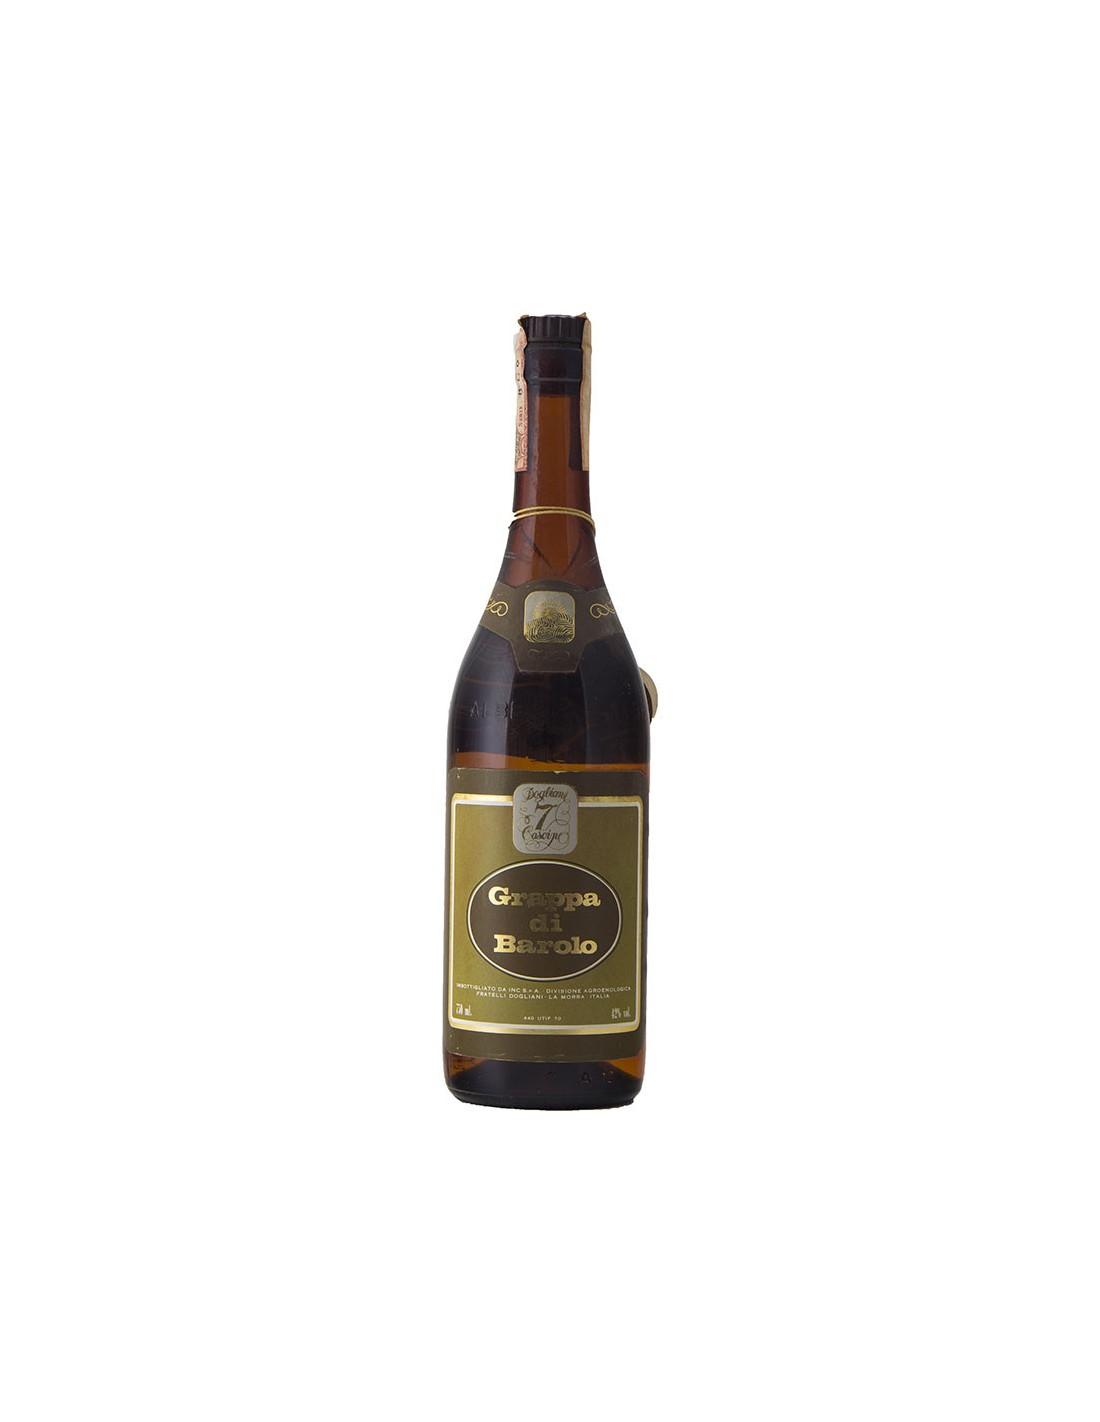 GRAPPA DI BAROLO 7 CASCINE NV CANTINA DEL DOLCETTO DI DOGLIANI Grandi Bottiglie